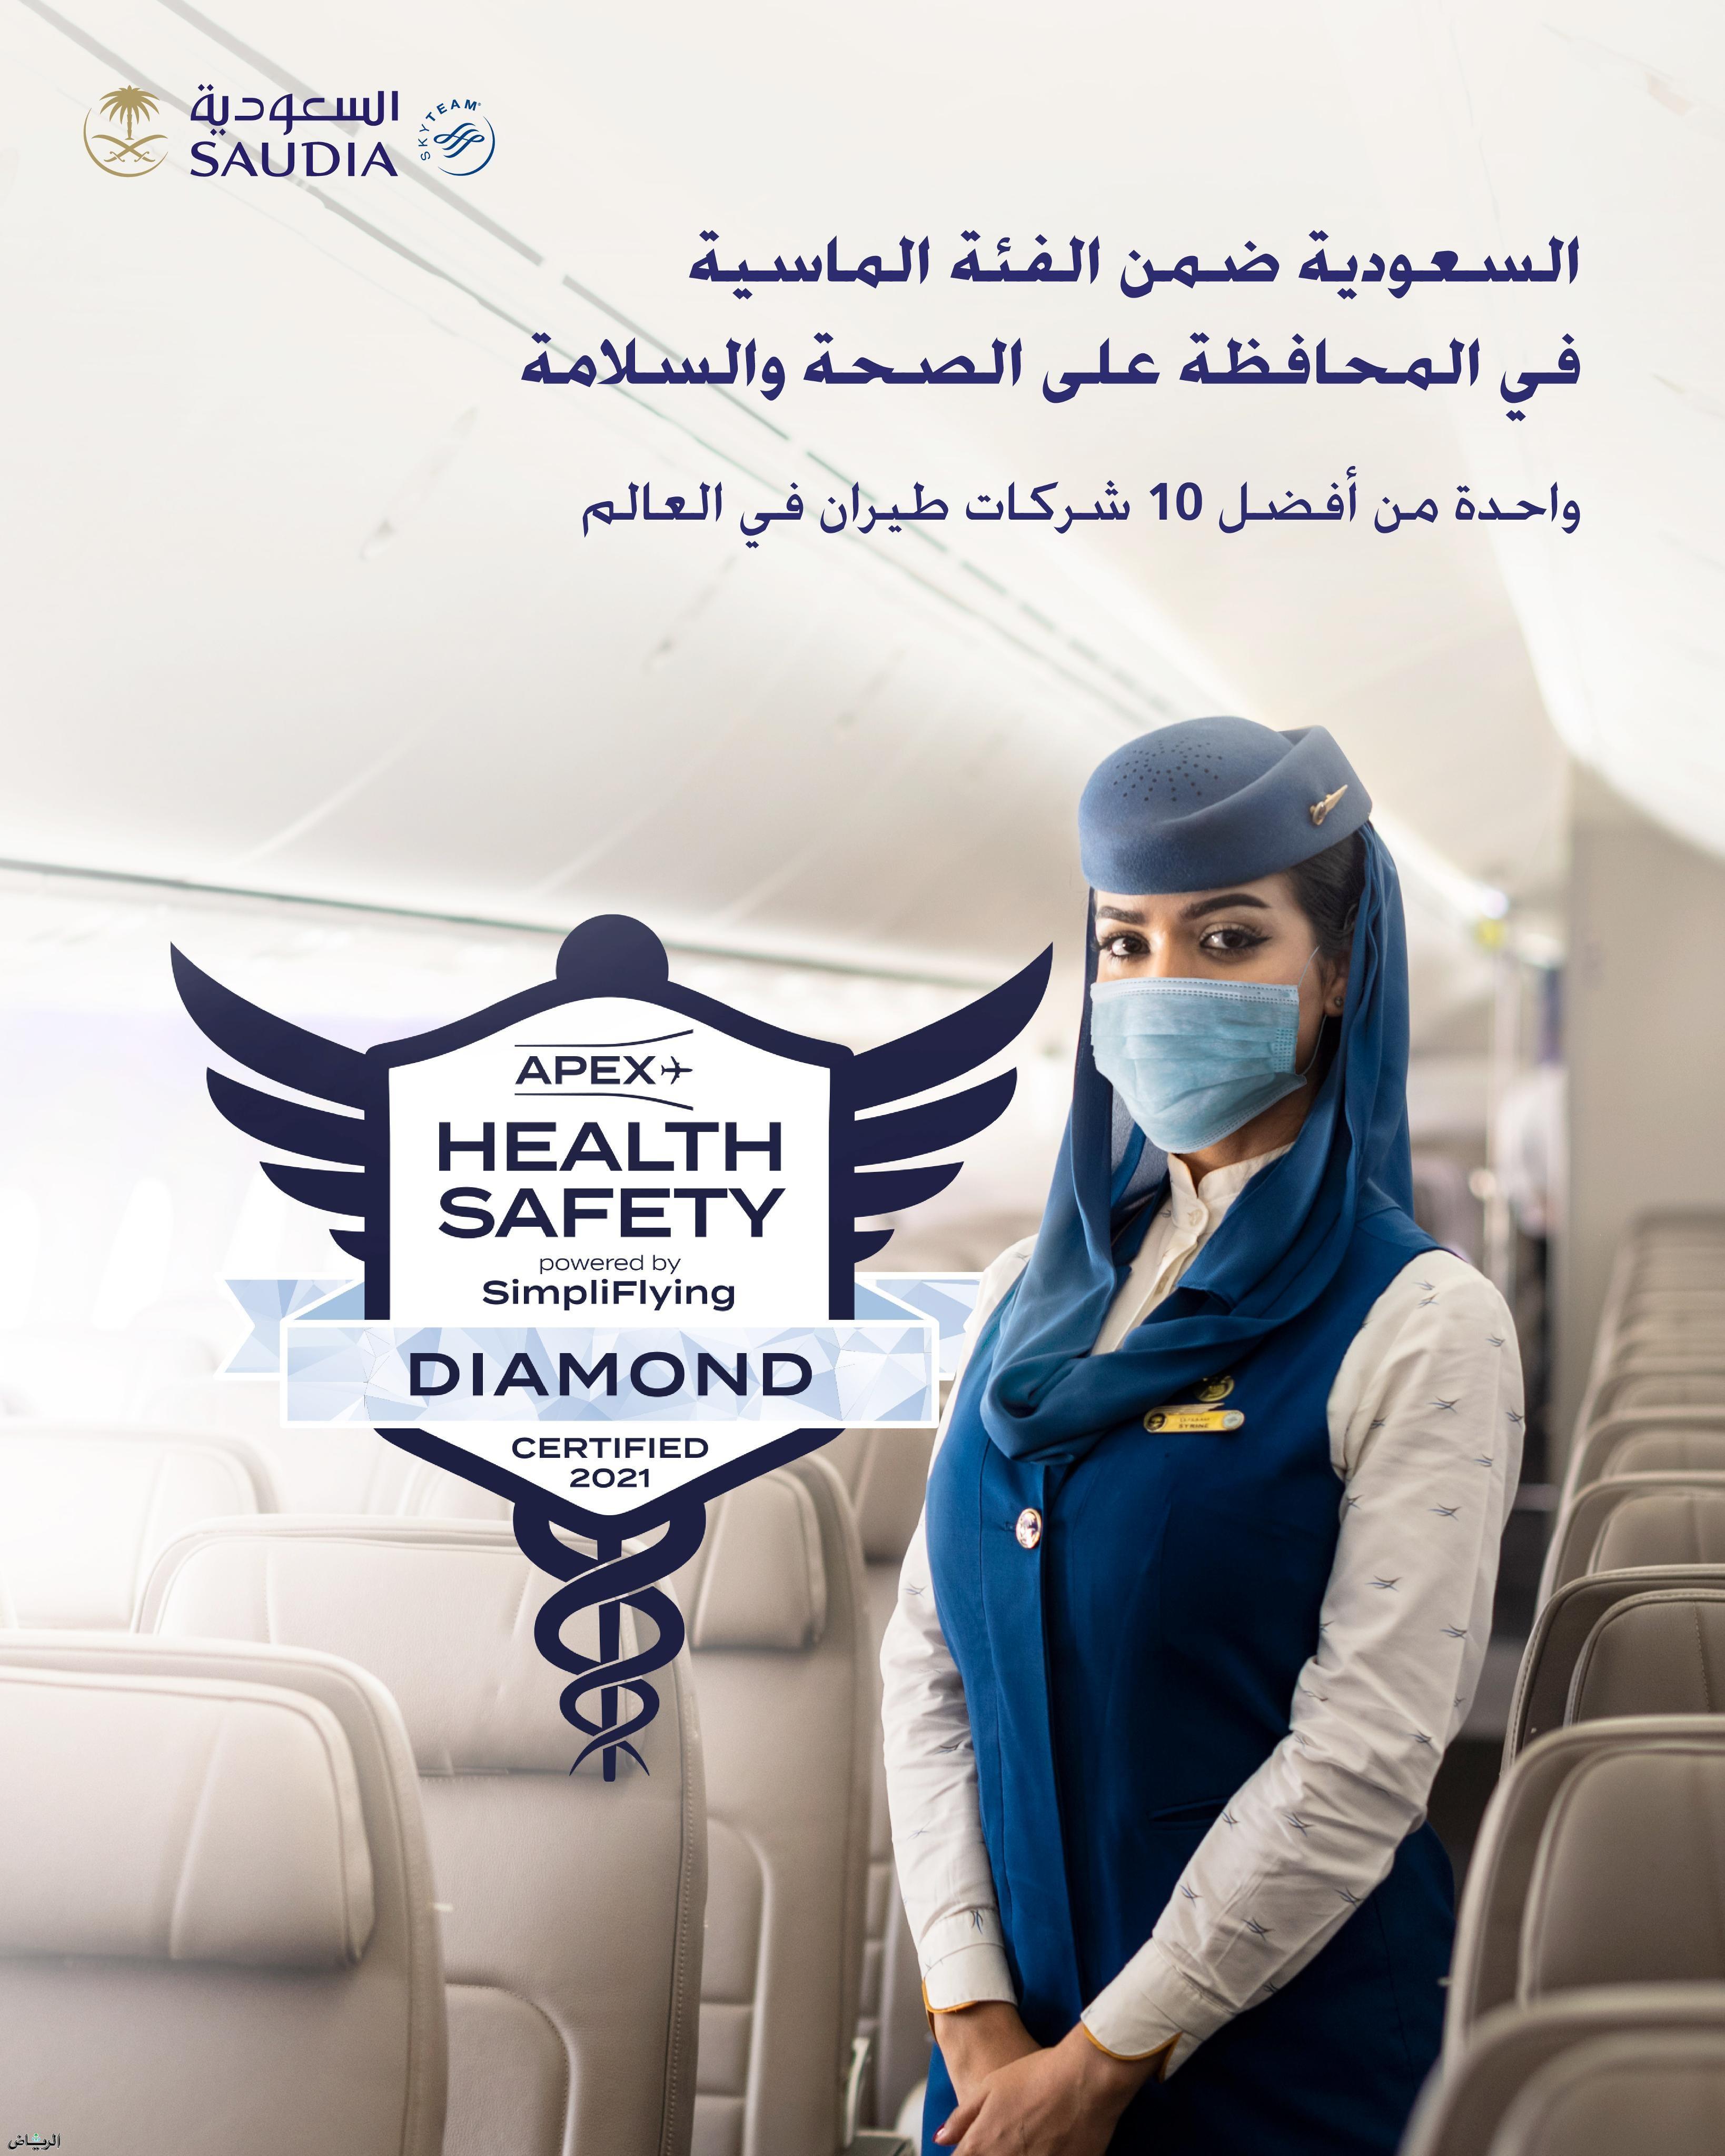 «السعودية» ضمن قائمة الفئة الماسية في الحفاظ على الصحة والسلامة